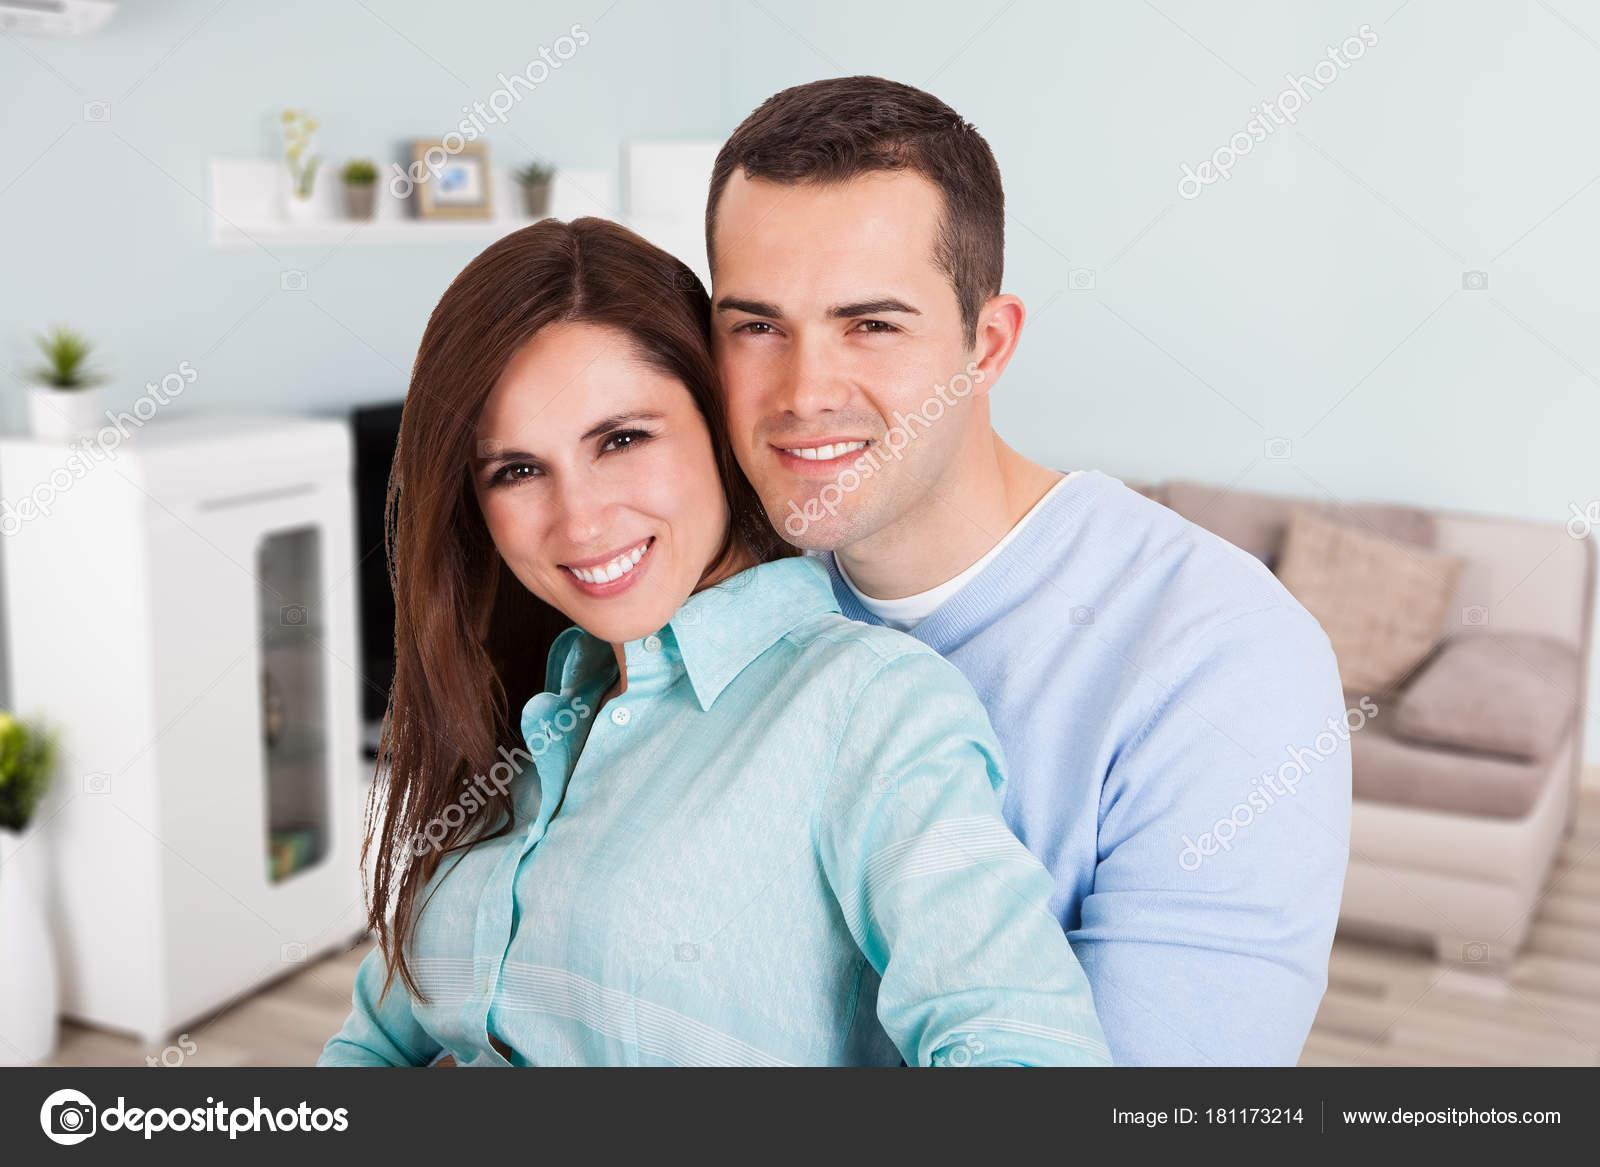 Couple home facial